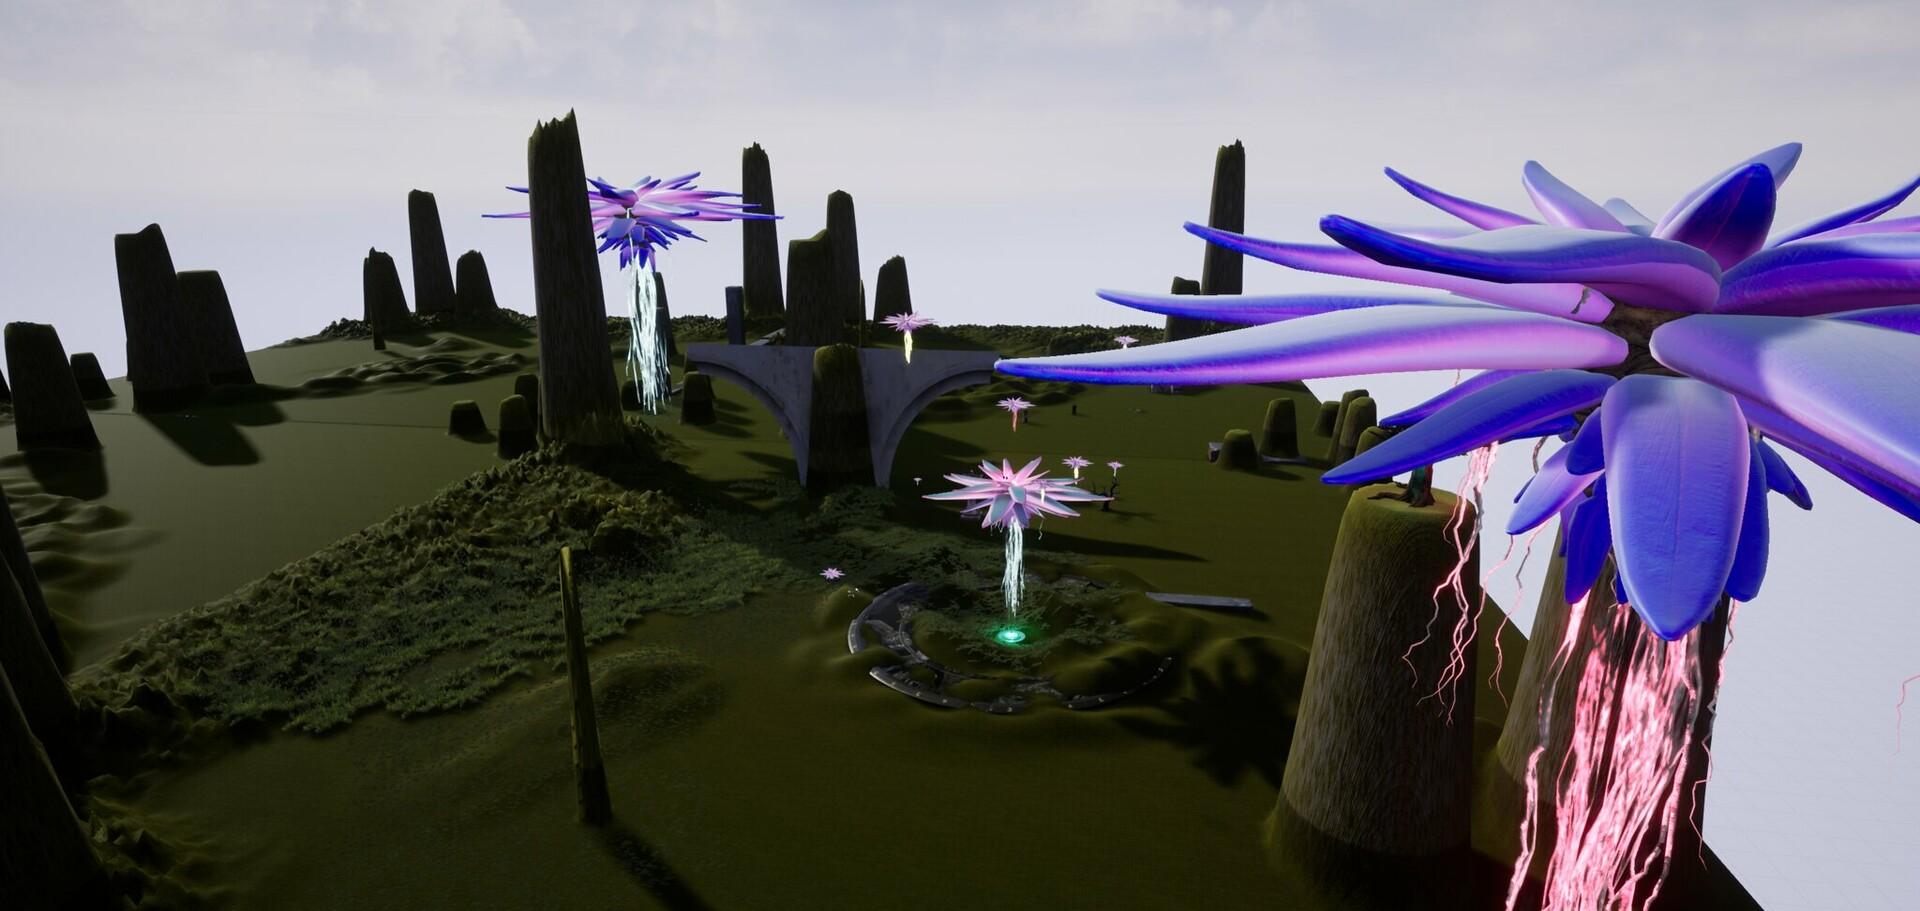 Unreal Engine Flower Landscape I